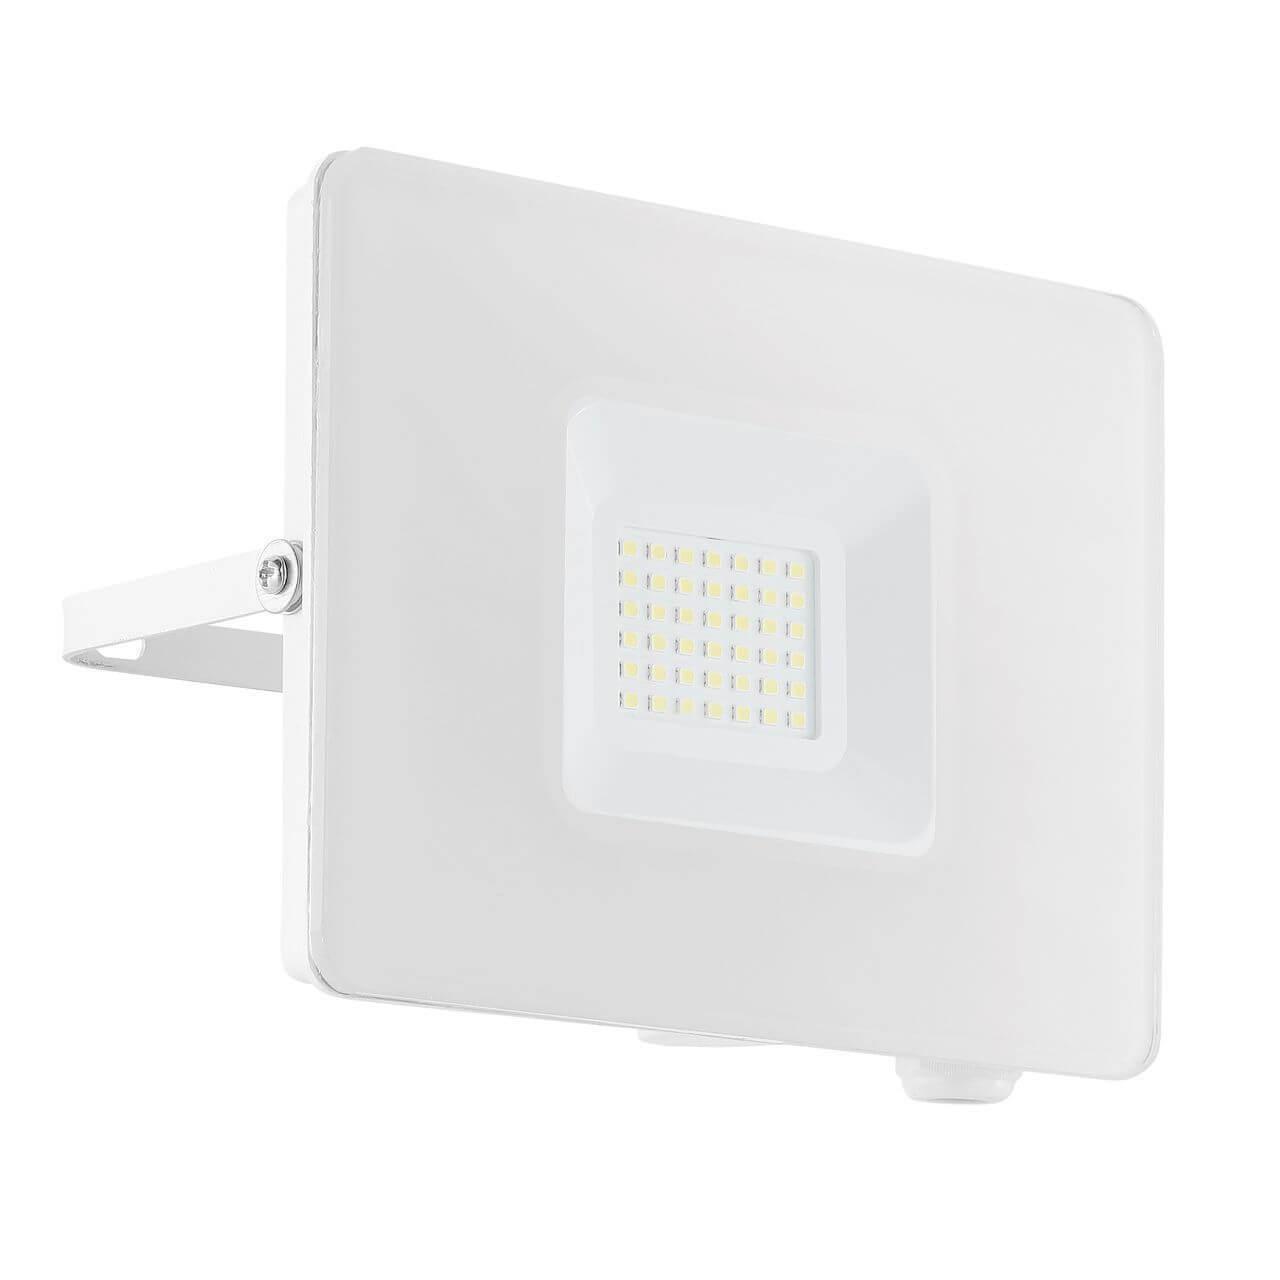 купить Прожектор светодиодный Eglo Faedo 3 33154 онлайн